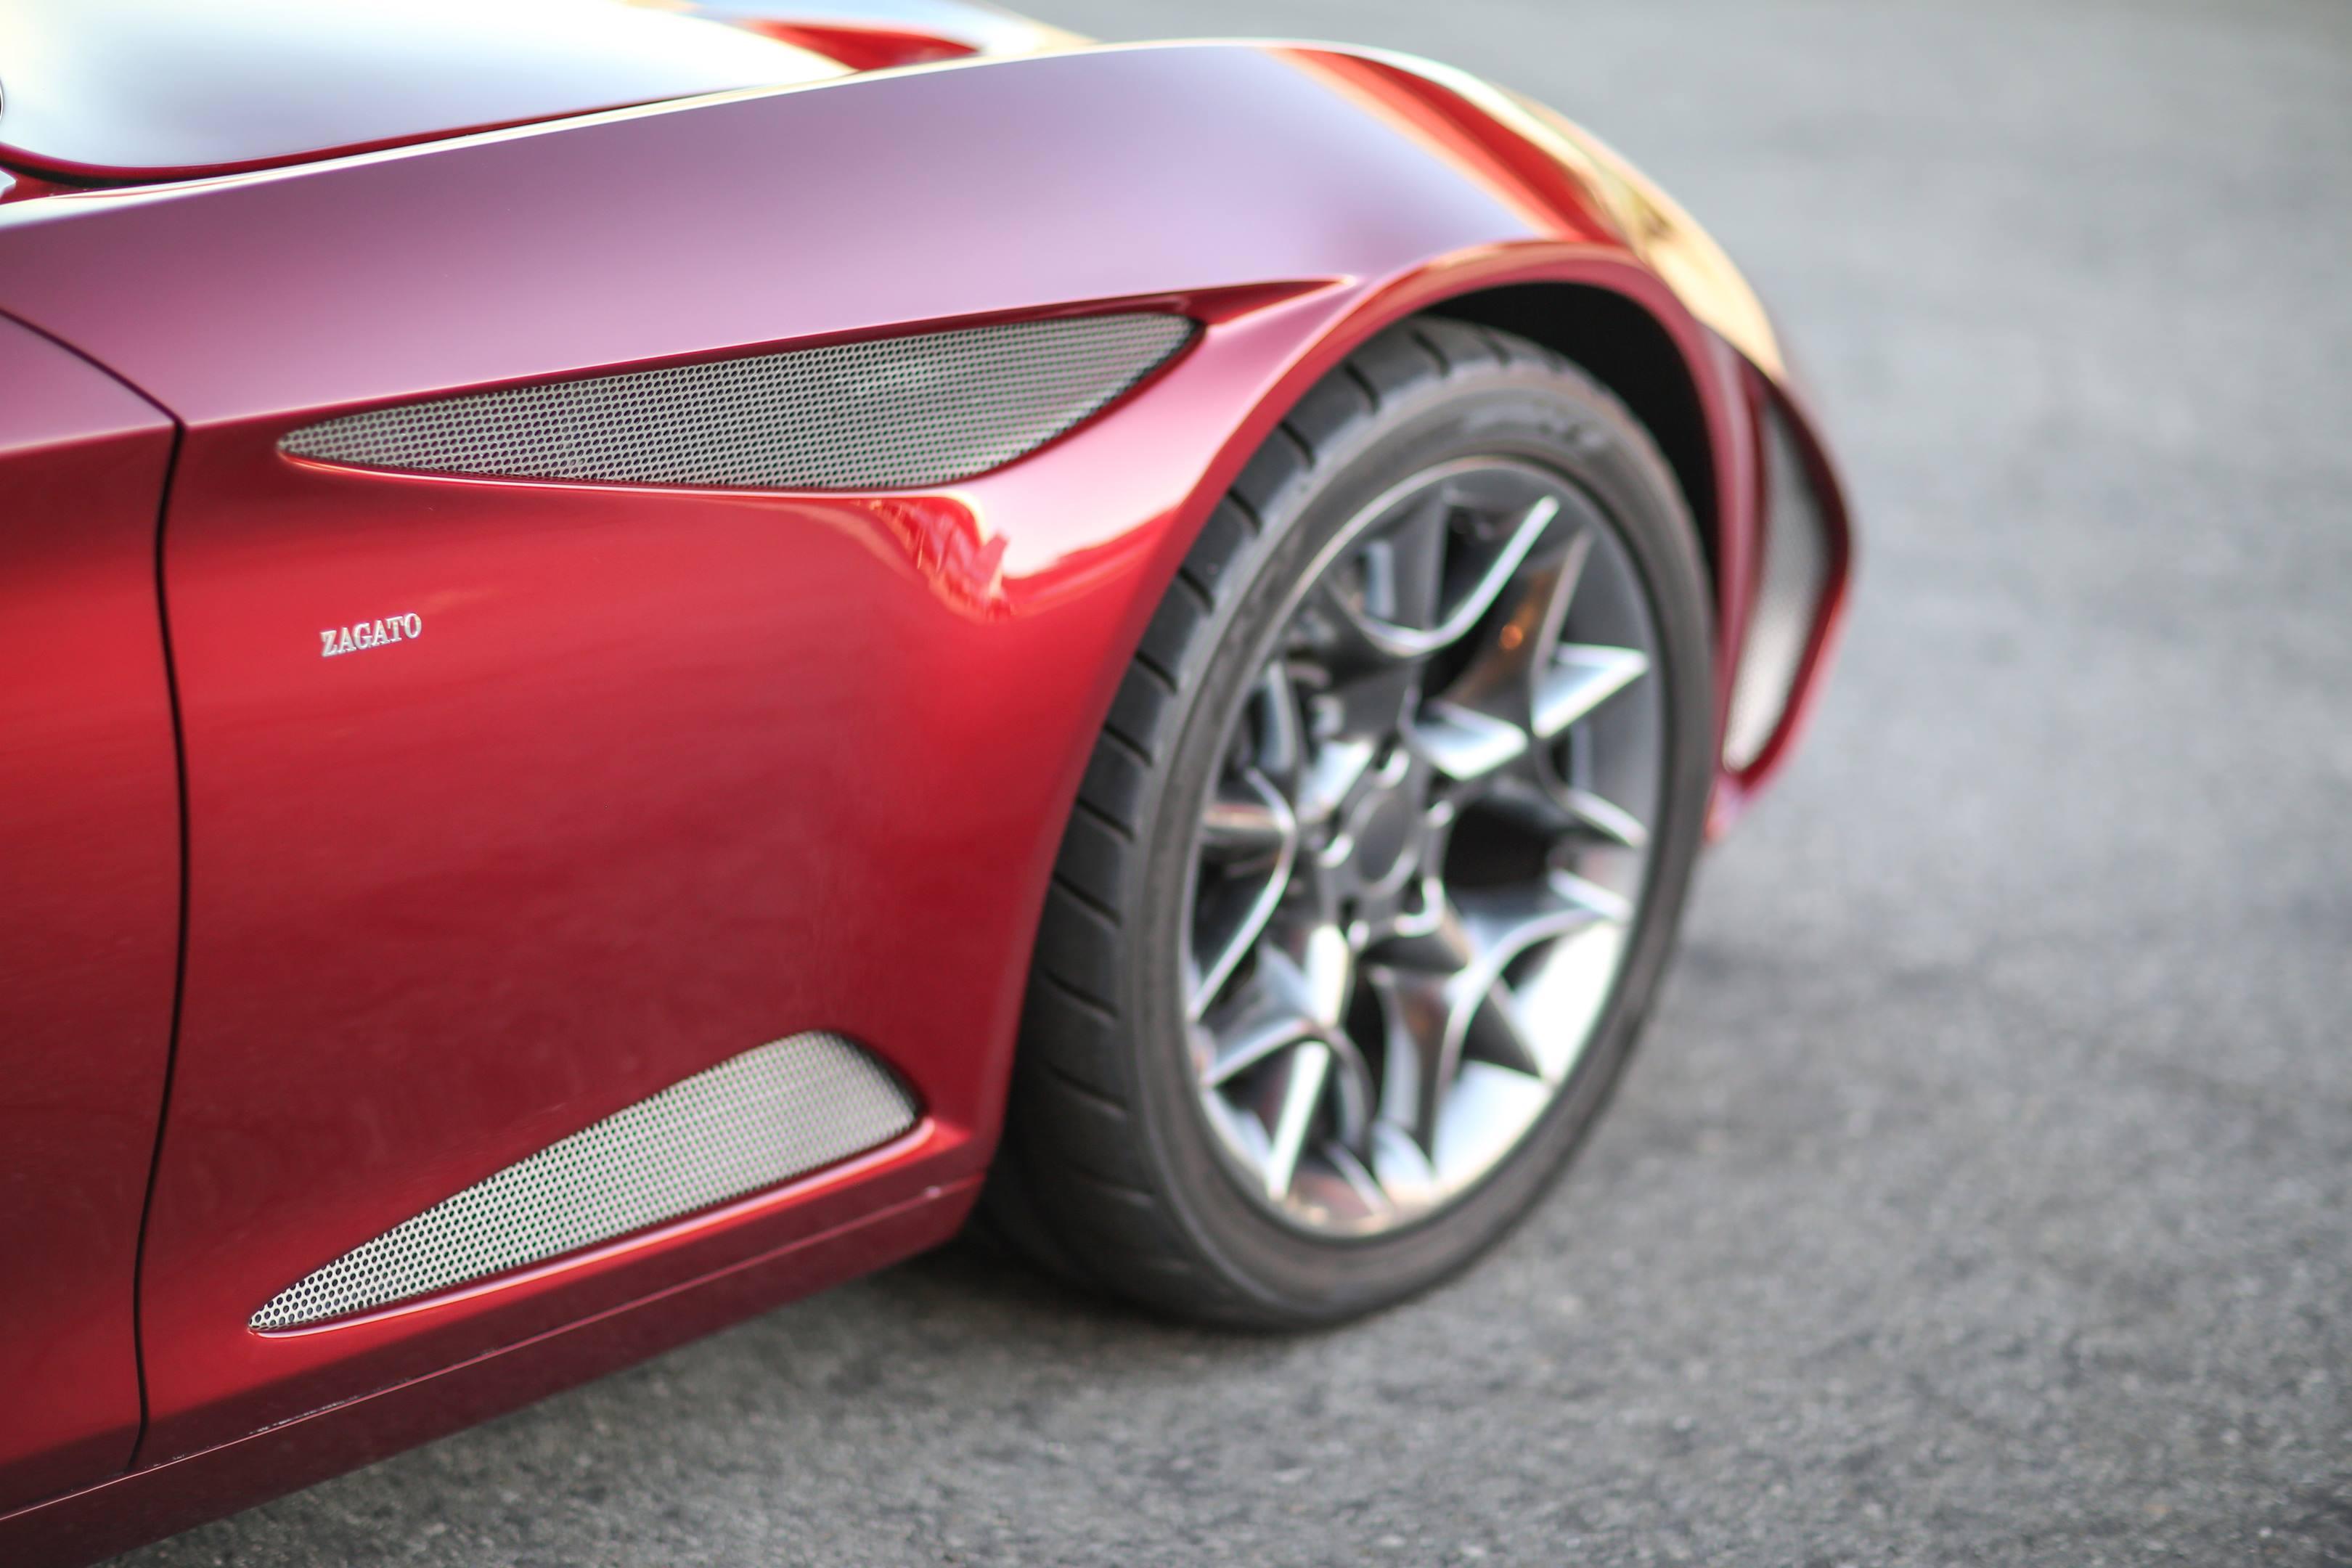 Zagato Perana Z-One front quarter panel detail